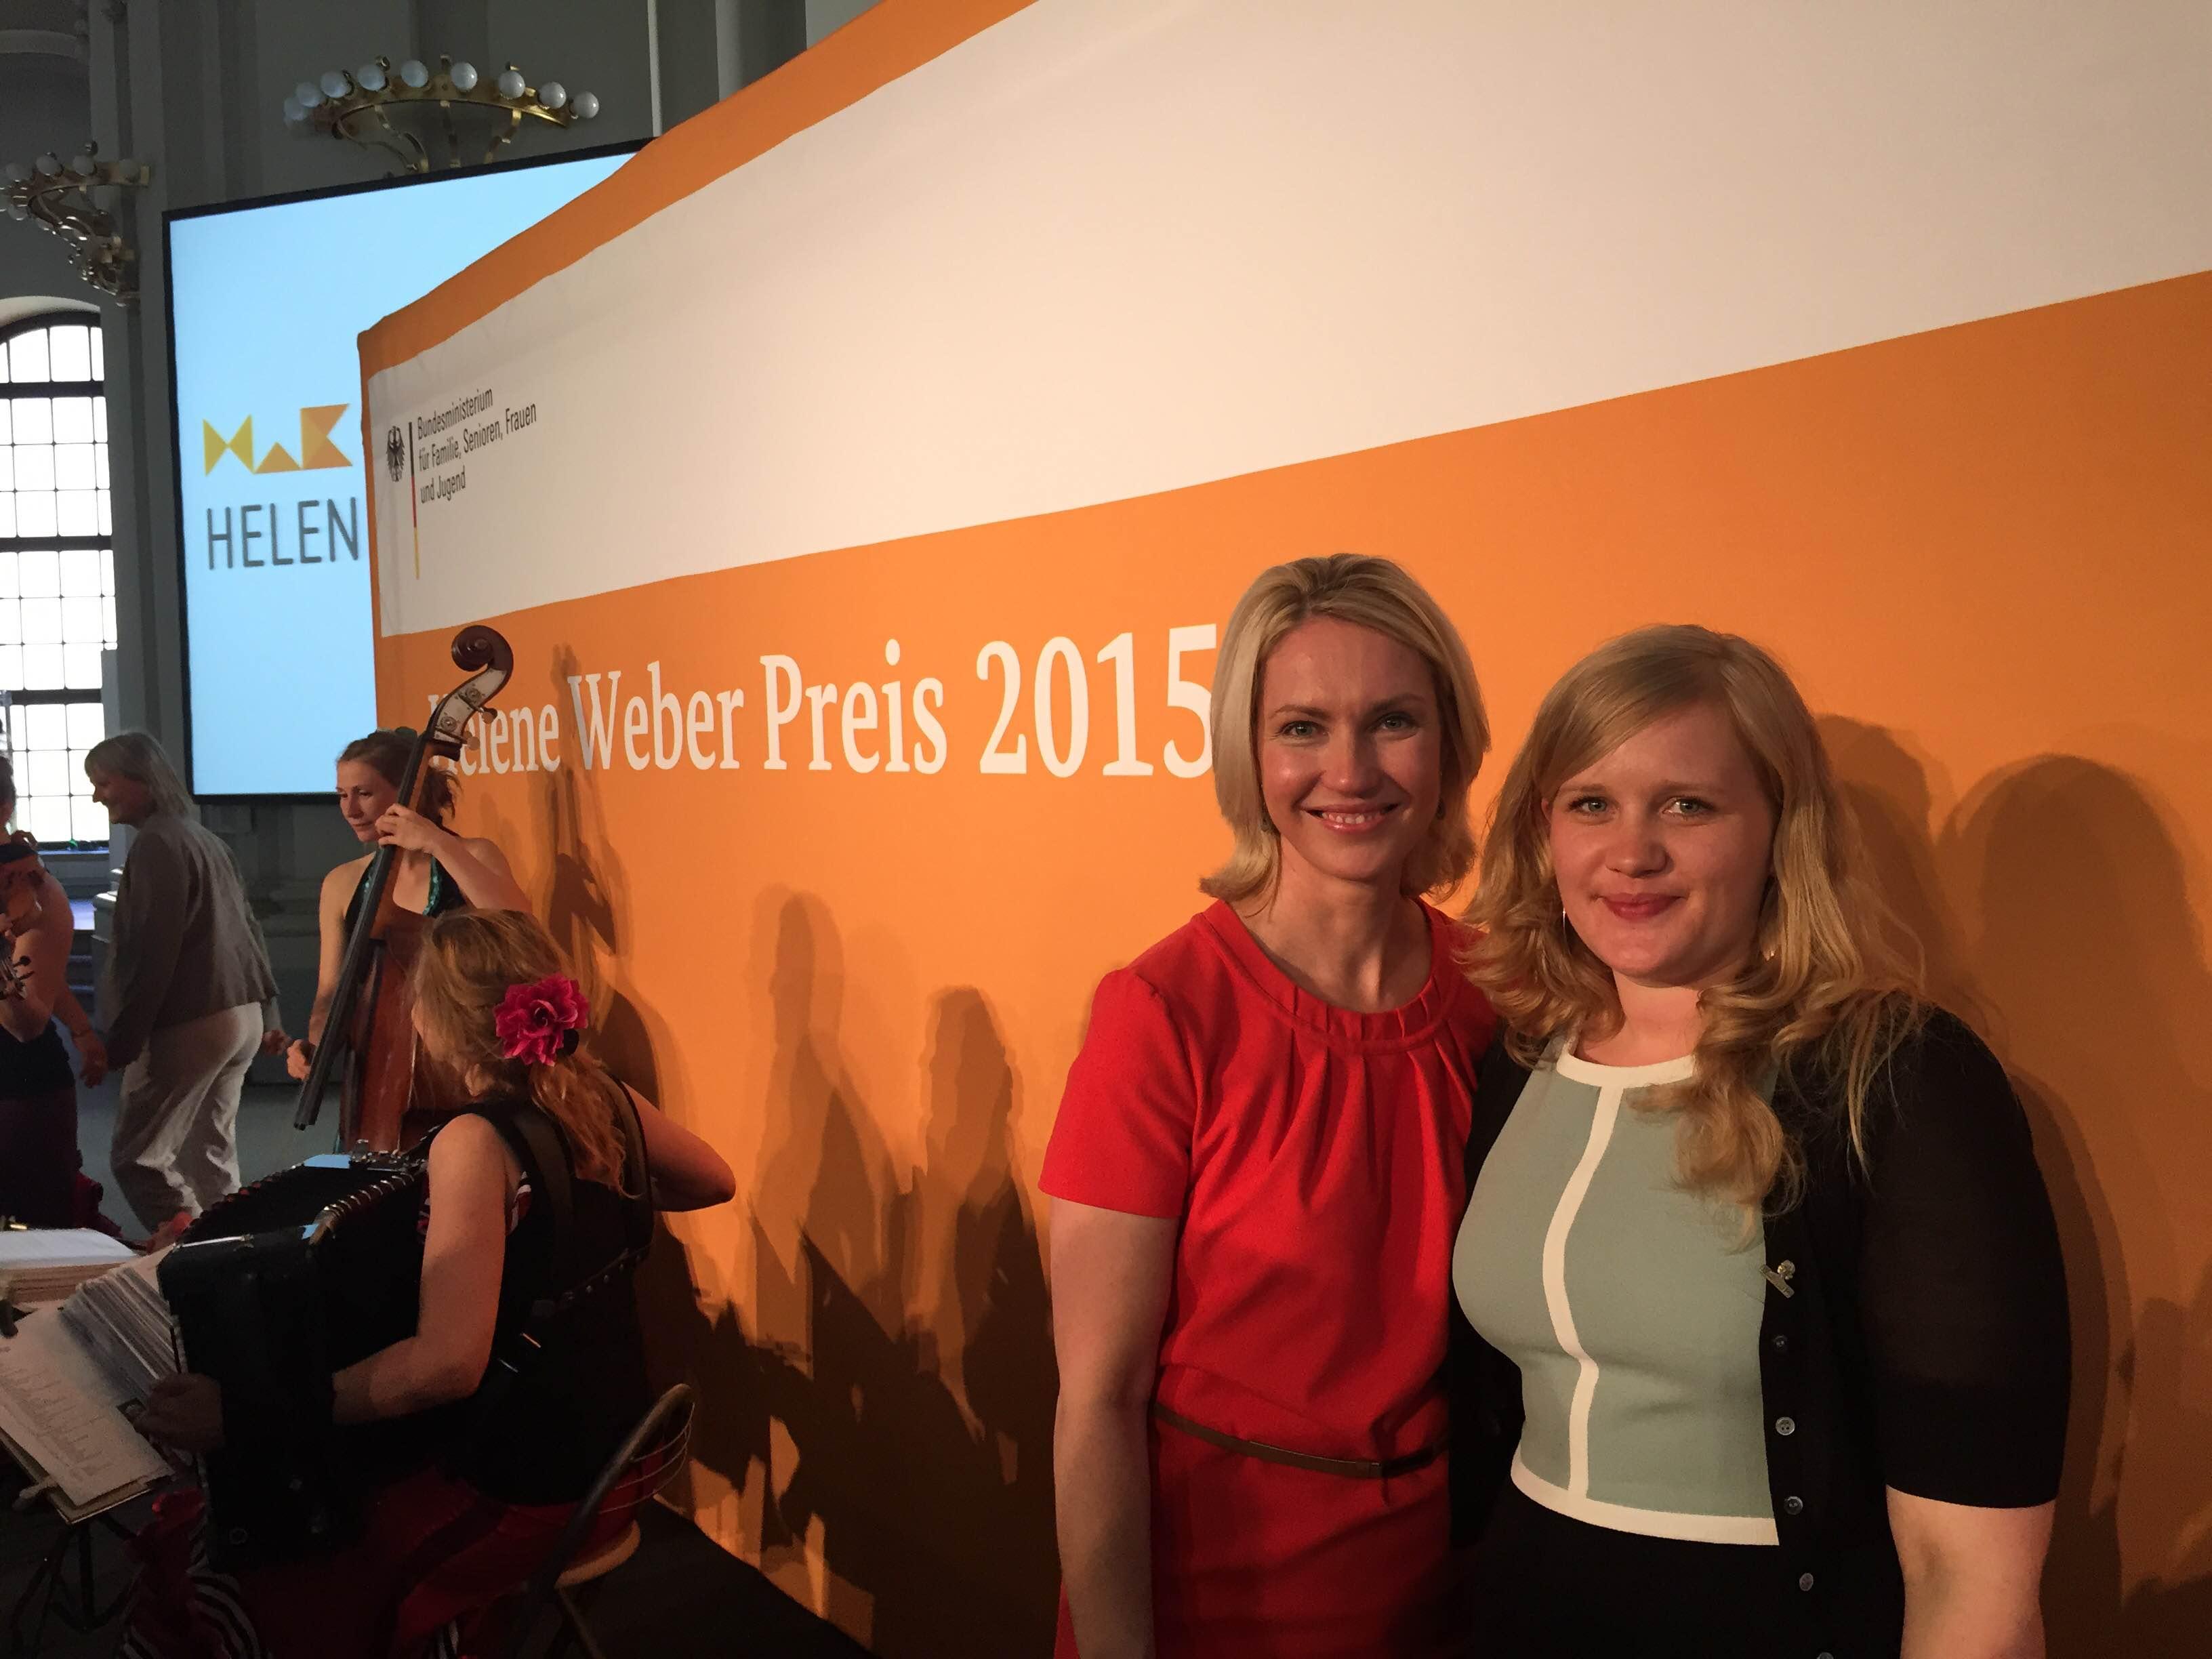 Helene-Weber-Preis